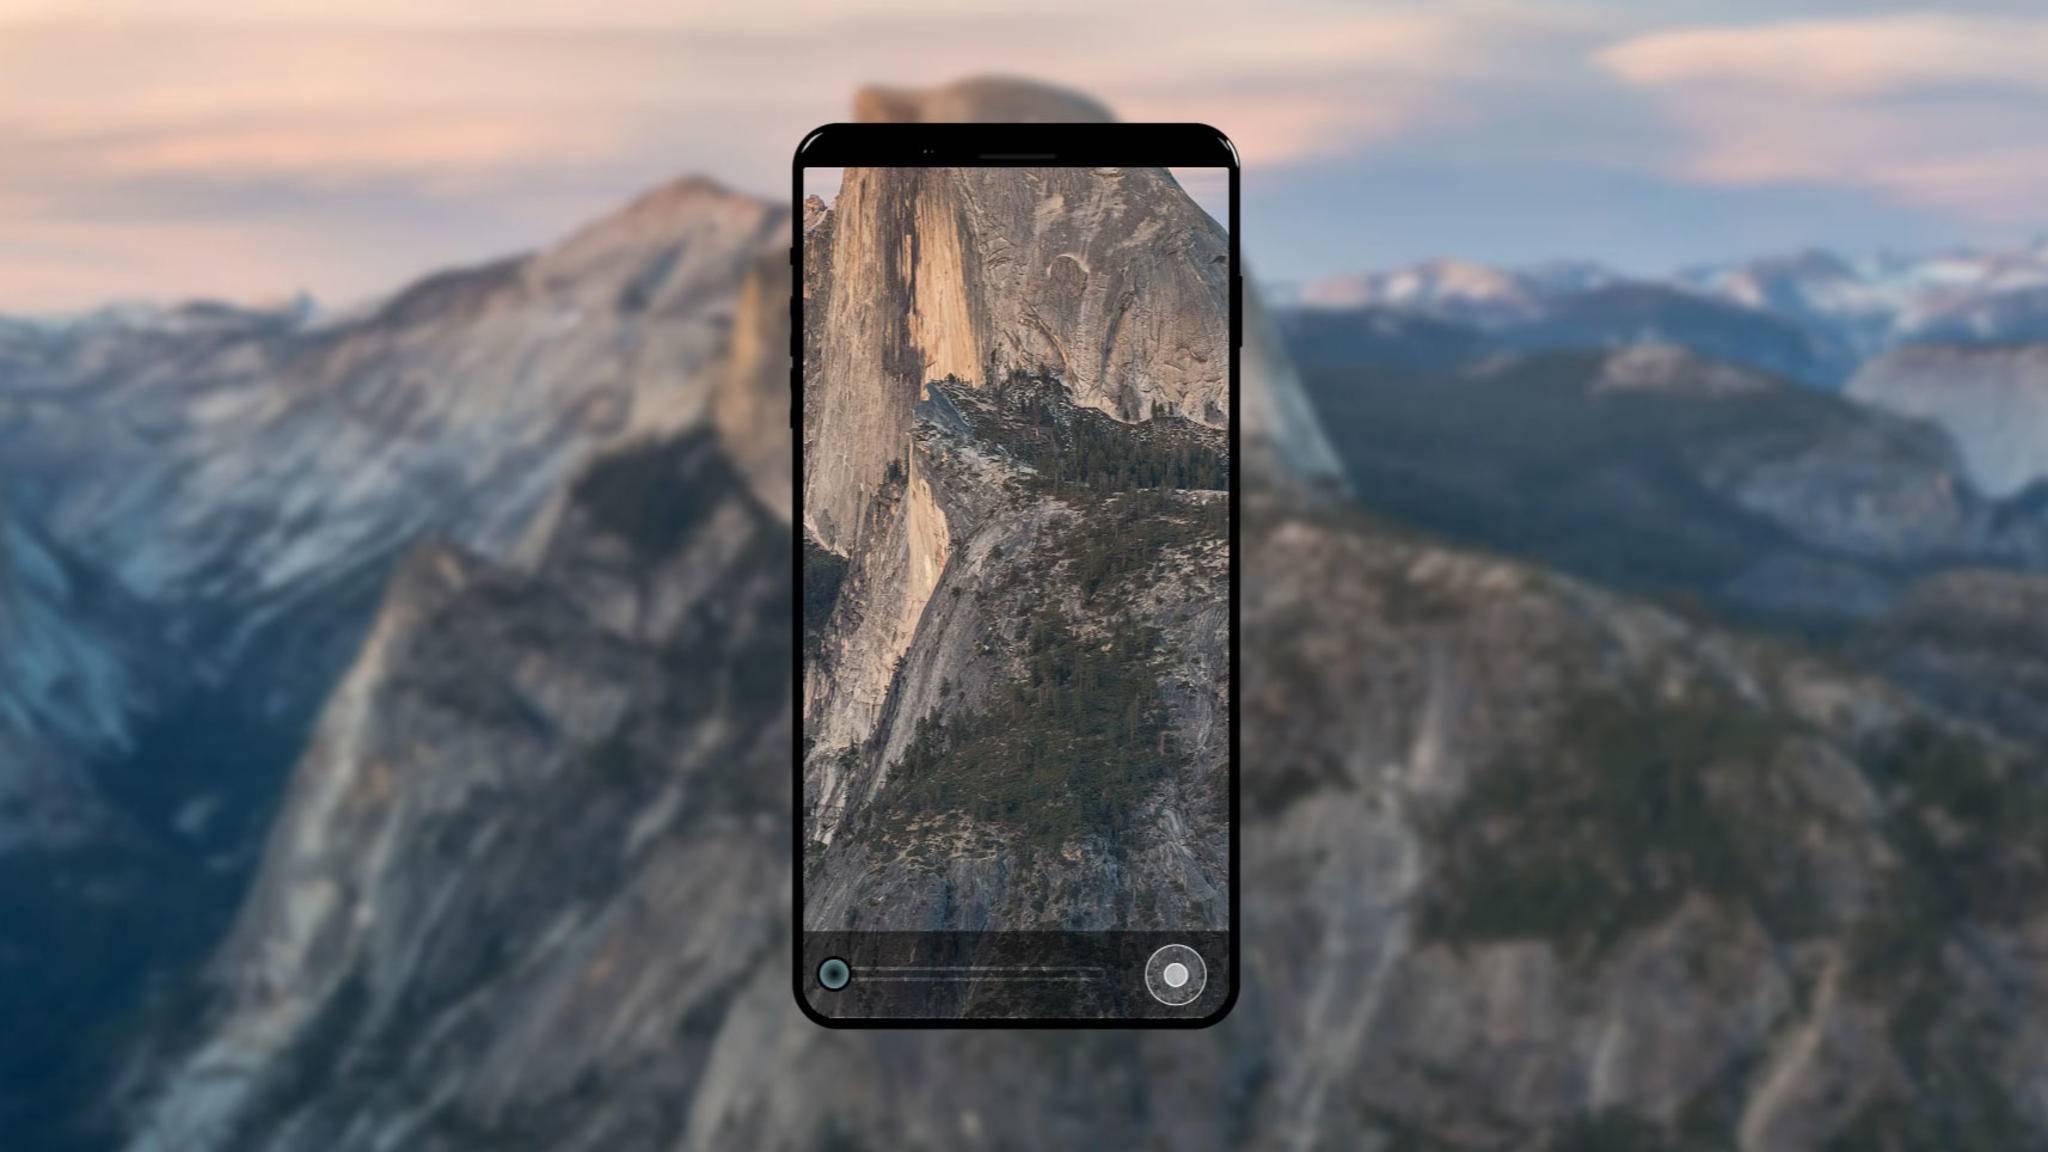 Das iPhone 8 soll angeblich einen Fingerabdruckscanner im Display haben.